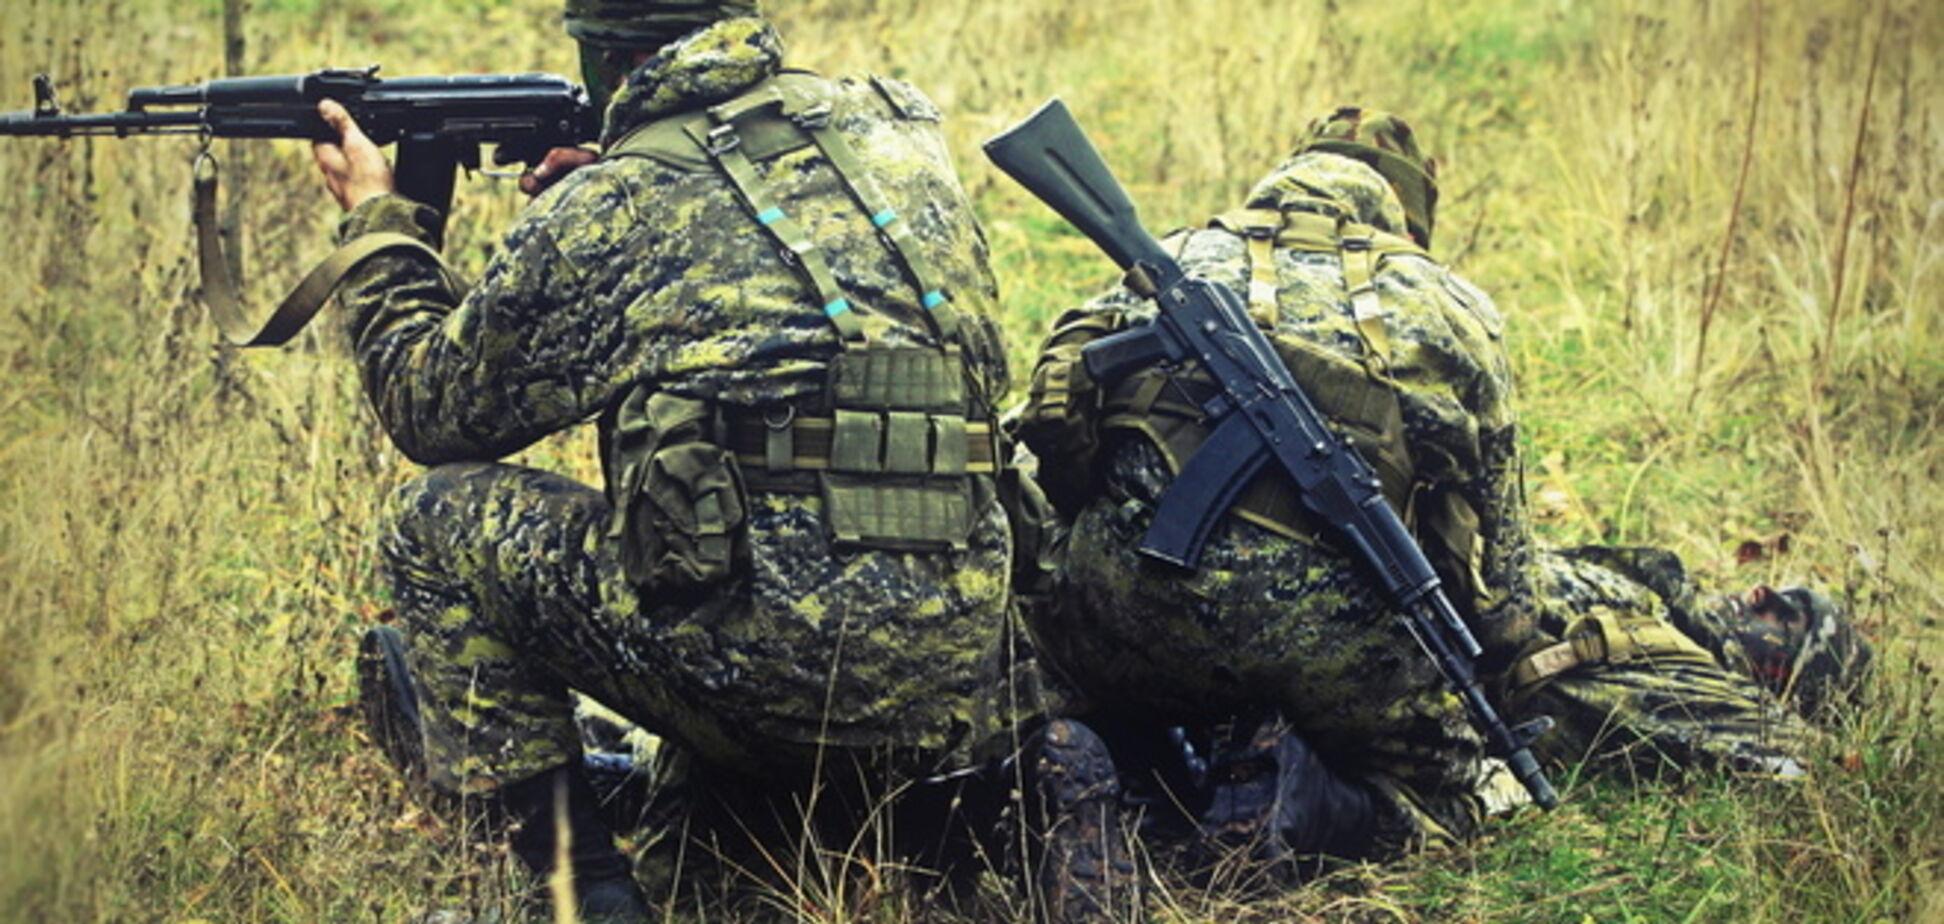 СБУ: к убийству горловского депутата причастны бойцы ГРУ РФ